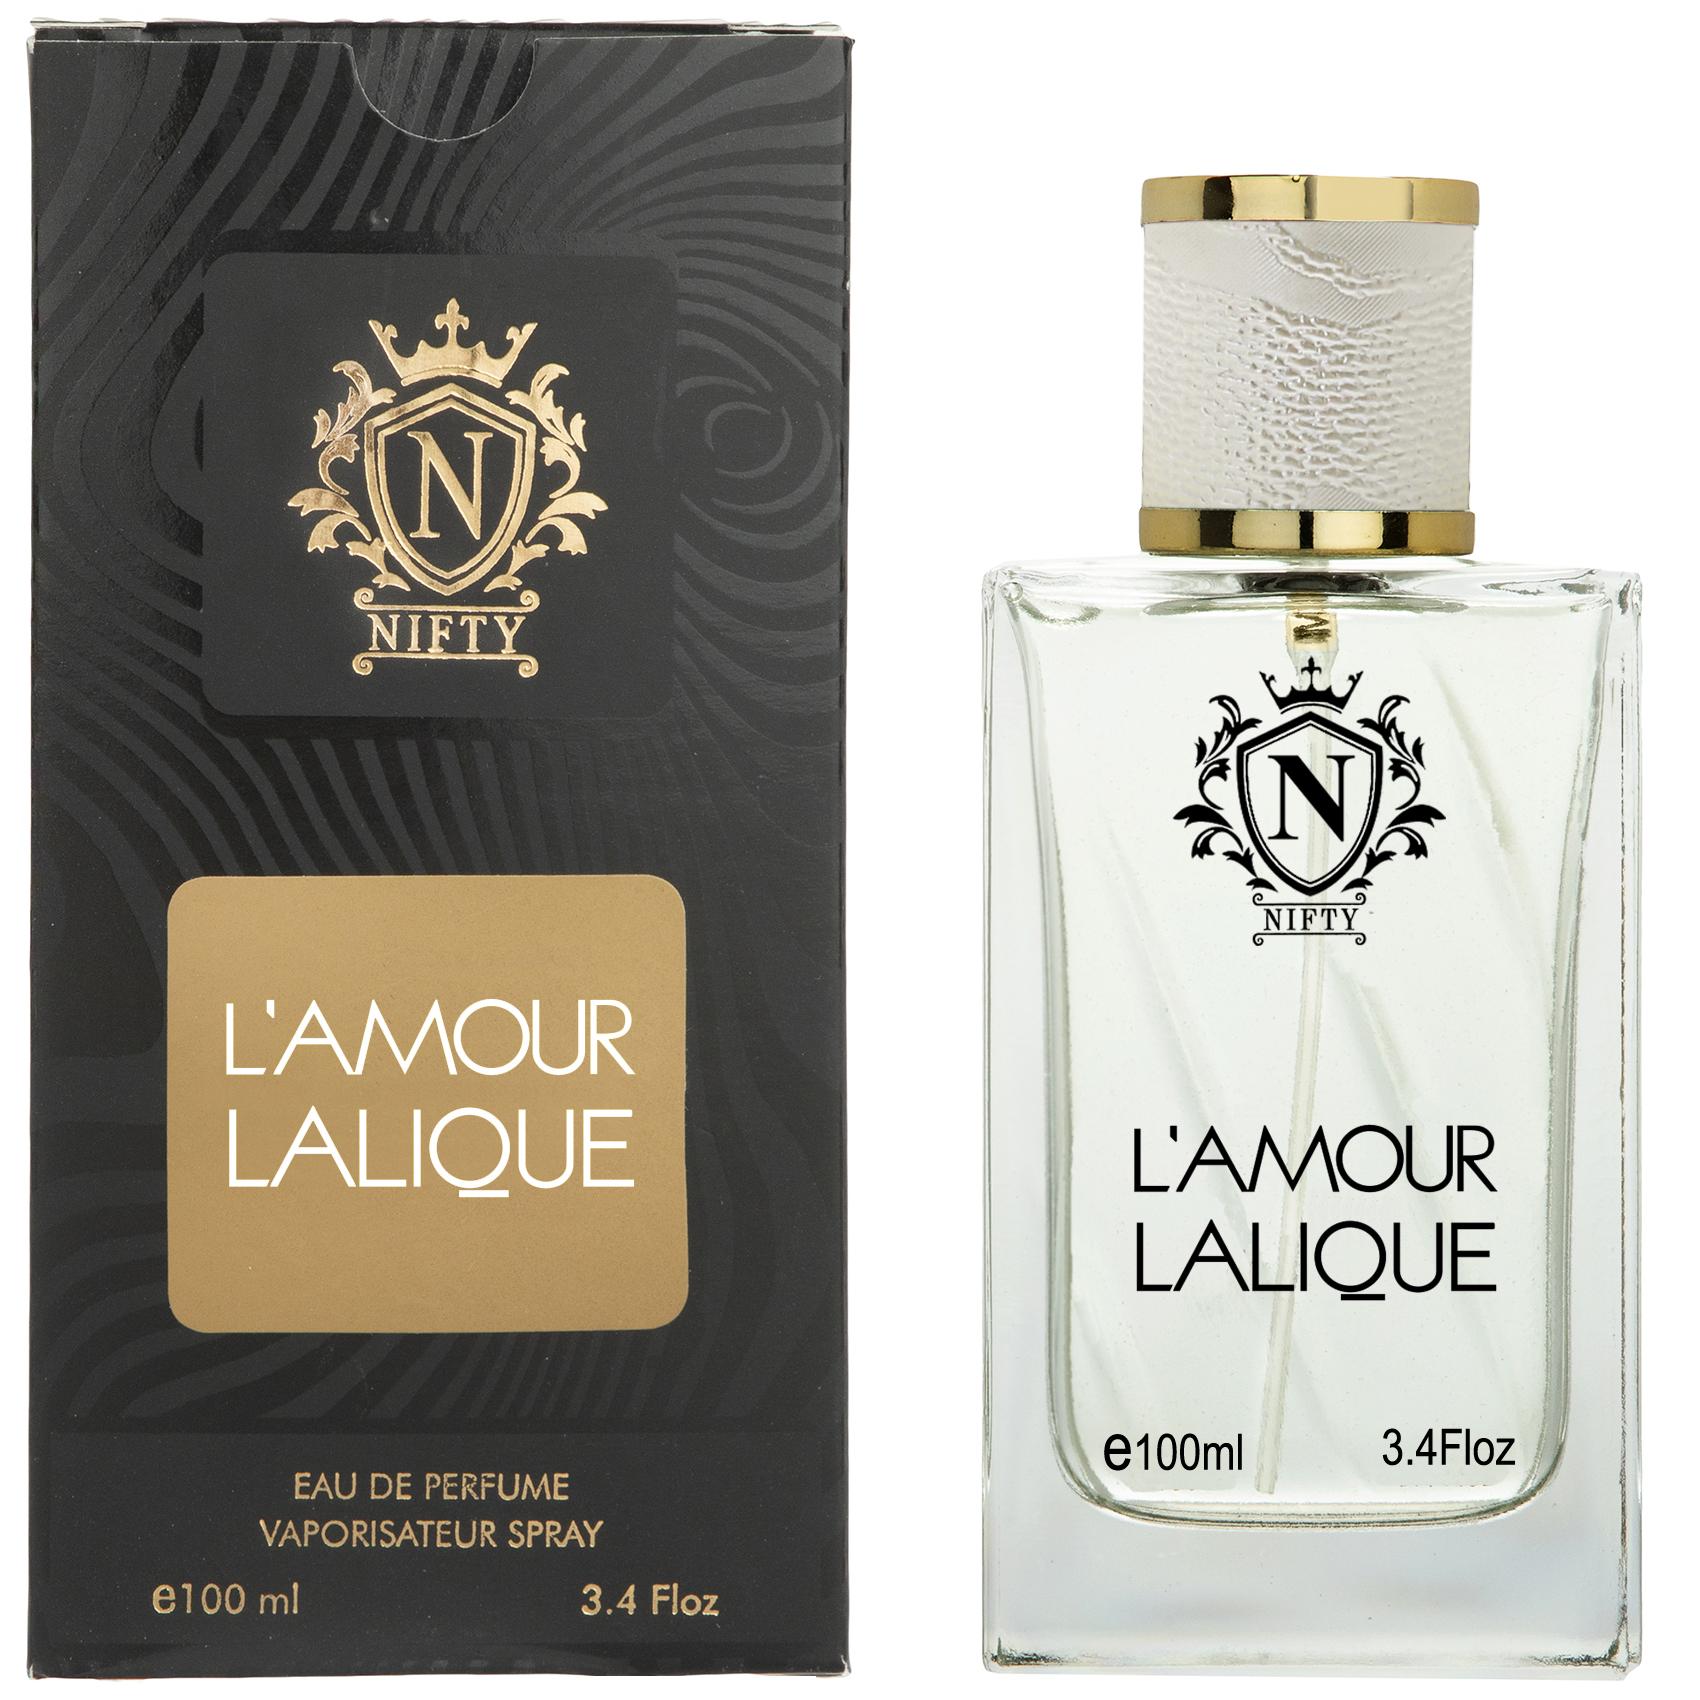 ادو پرفیوم زنانه نیفتی مدل LAMOUR Lalique حجم 100 میلی لیتر